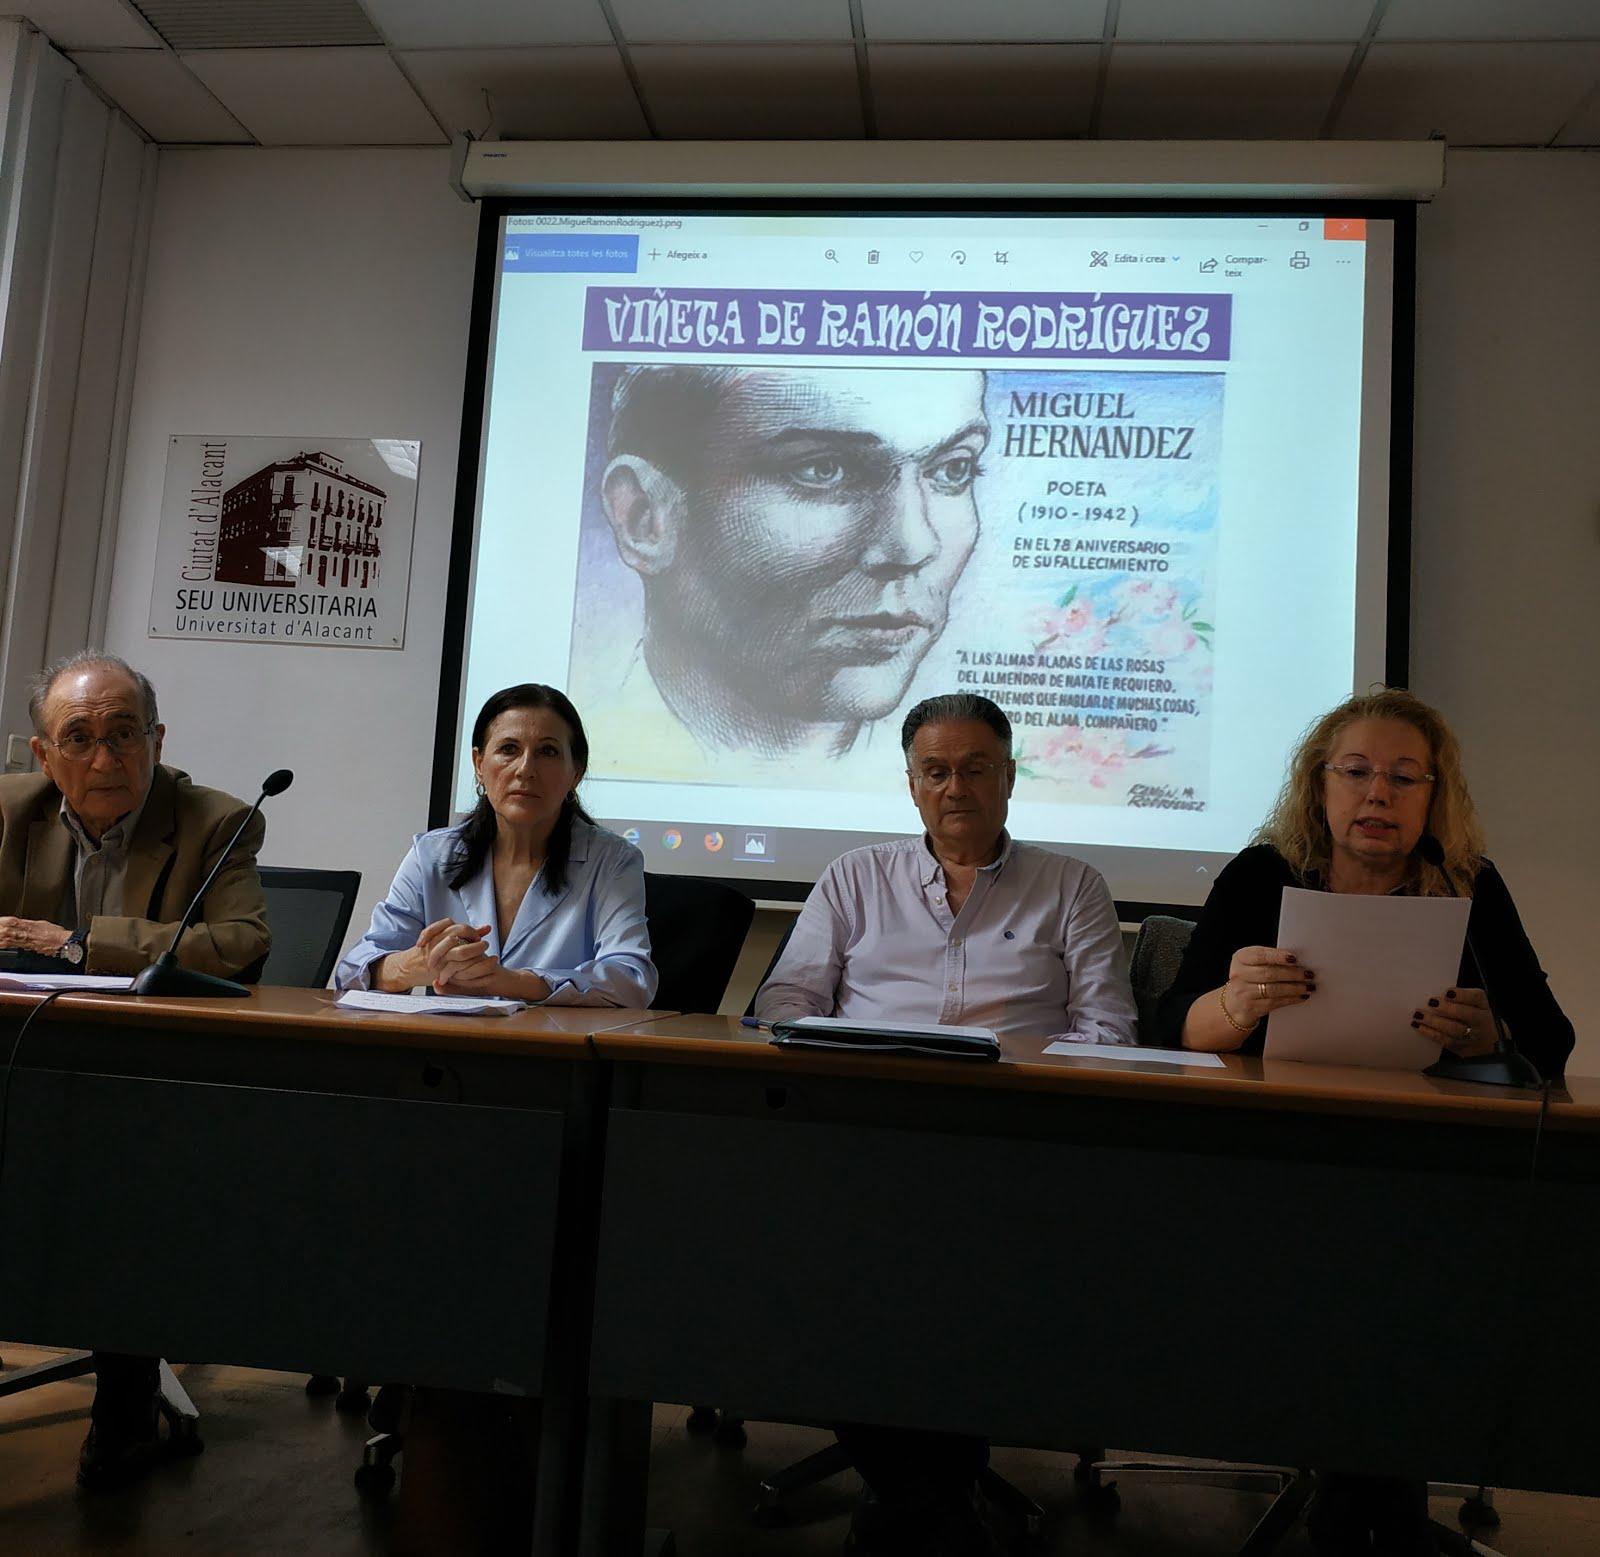 Homenaje a Miguel Hernández 78 aniversario muerte